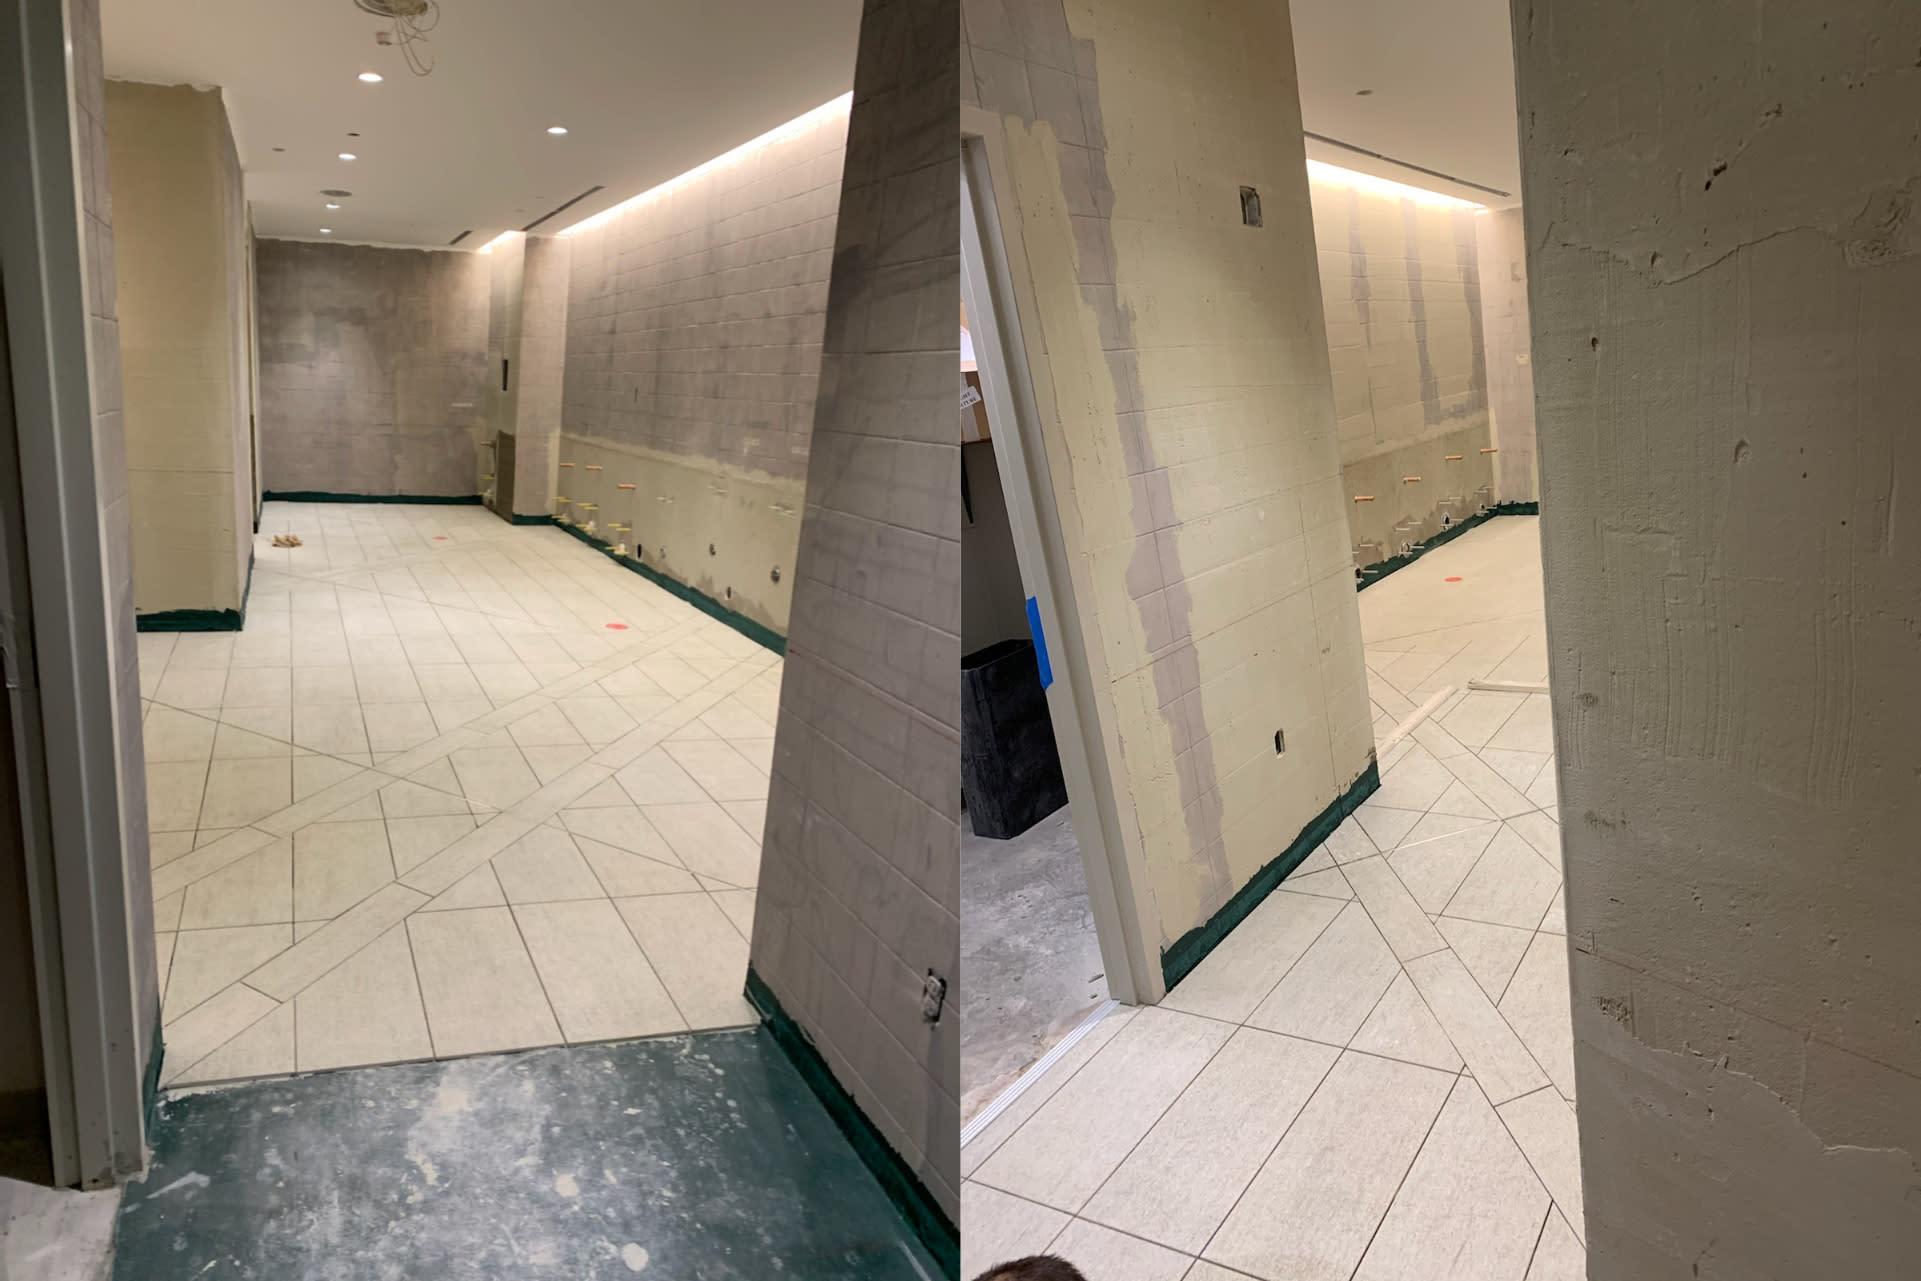 Restroom Update 5.27.2020